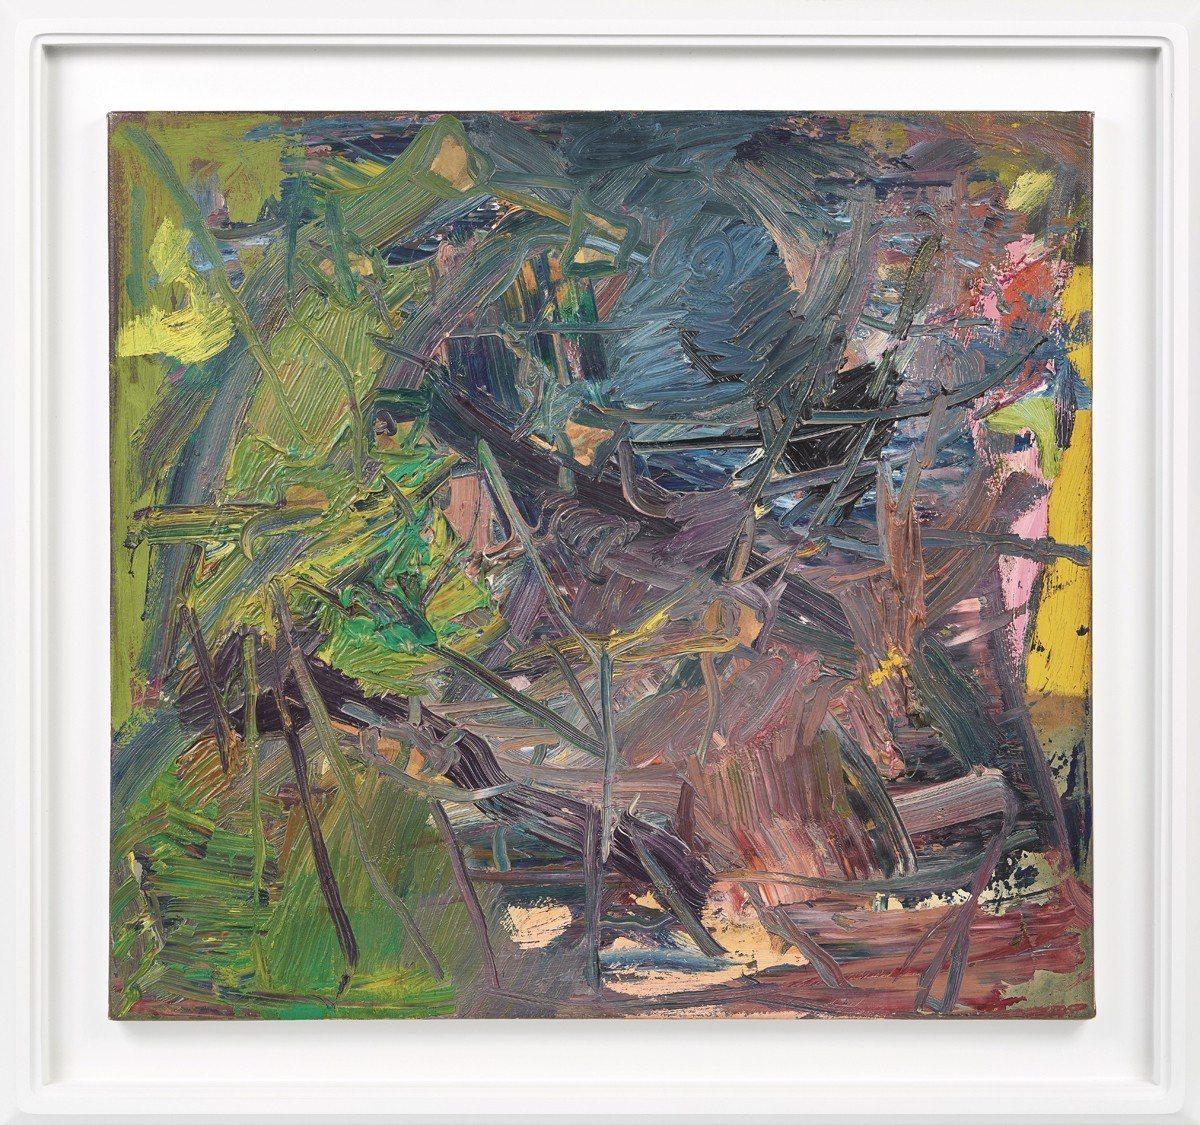 李希特 〈抽象畫432-4〉 油彩畫布 一九七八年作 60.5 × 64.3...